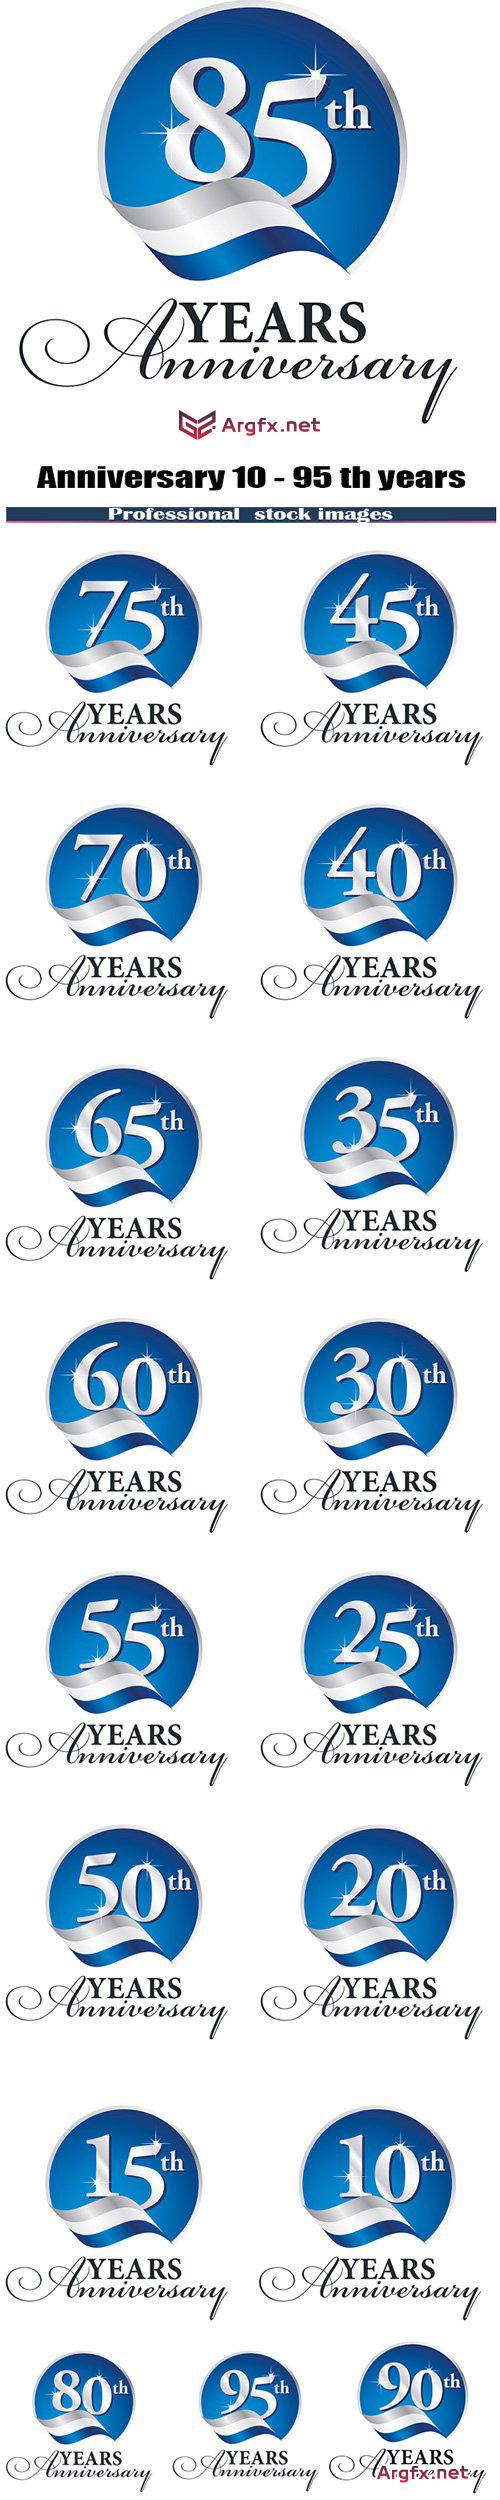 Anniversary 10 - 95 th years celebrating logo